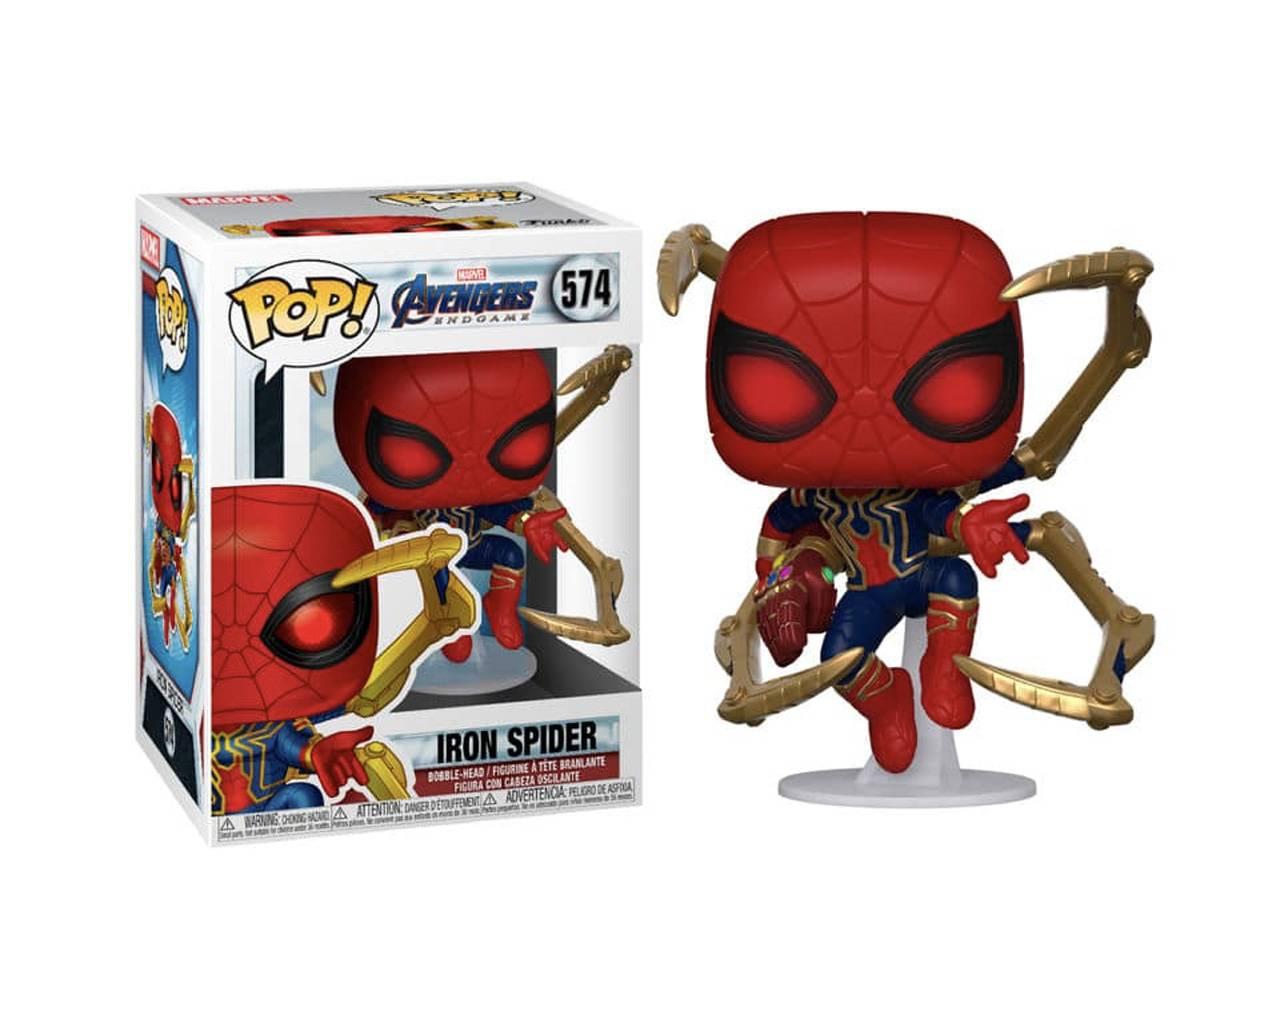 Iron Spider with Nano Gauntlet Pop! Vinyl